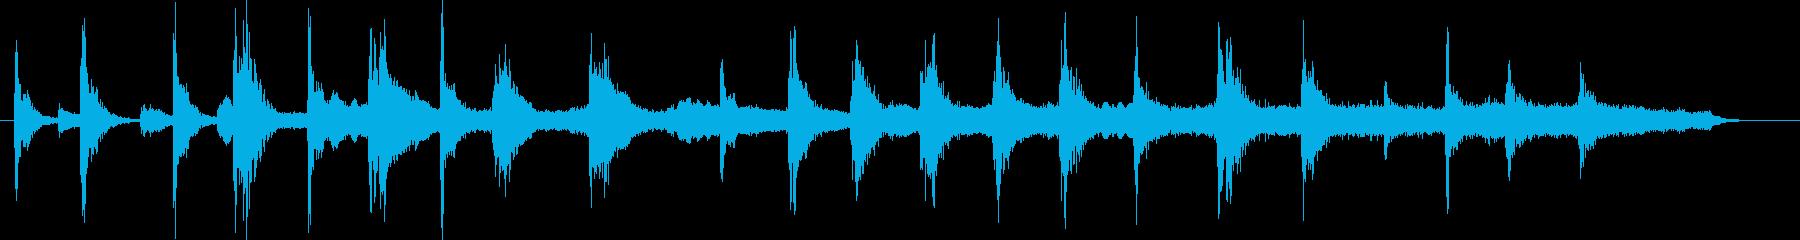 不気味かつ緊迫した場面のストリングス小曲の再生済みの波形